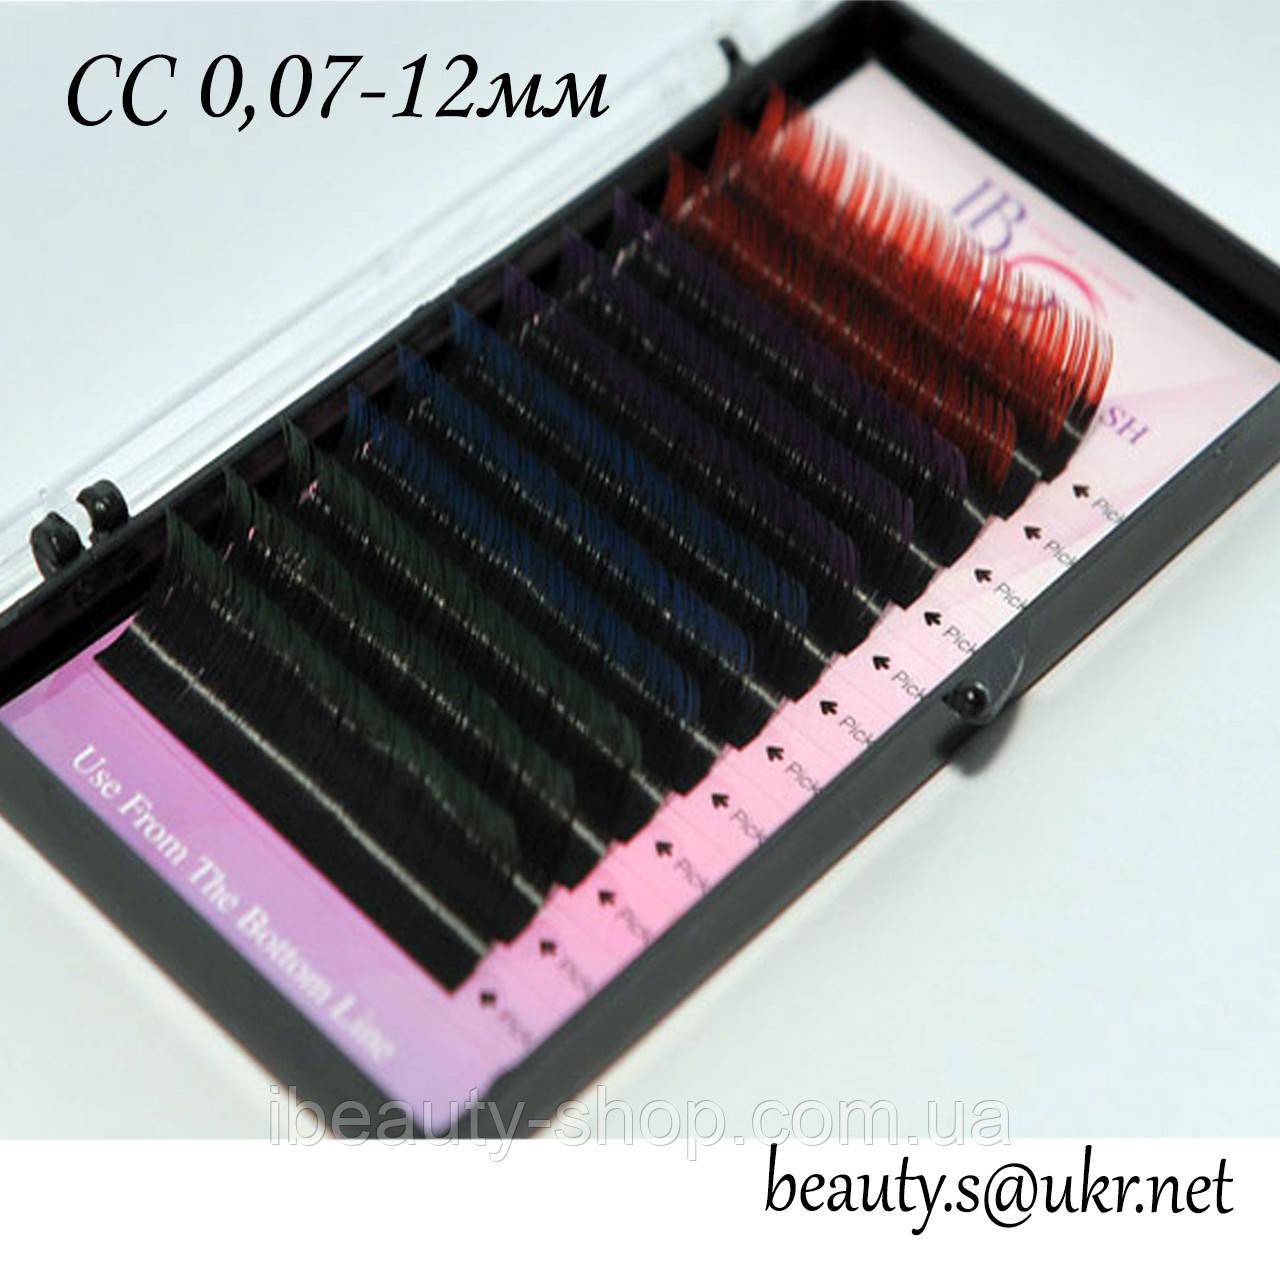 Ресницы I-Beauty, CC 0,07-12мм,цветные концы,4 цвета